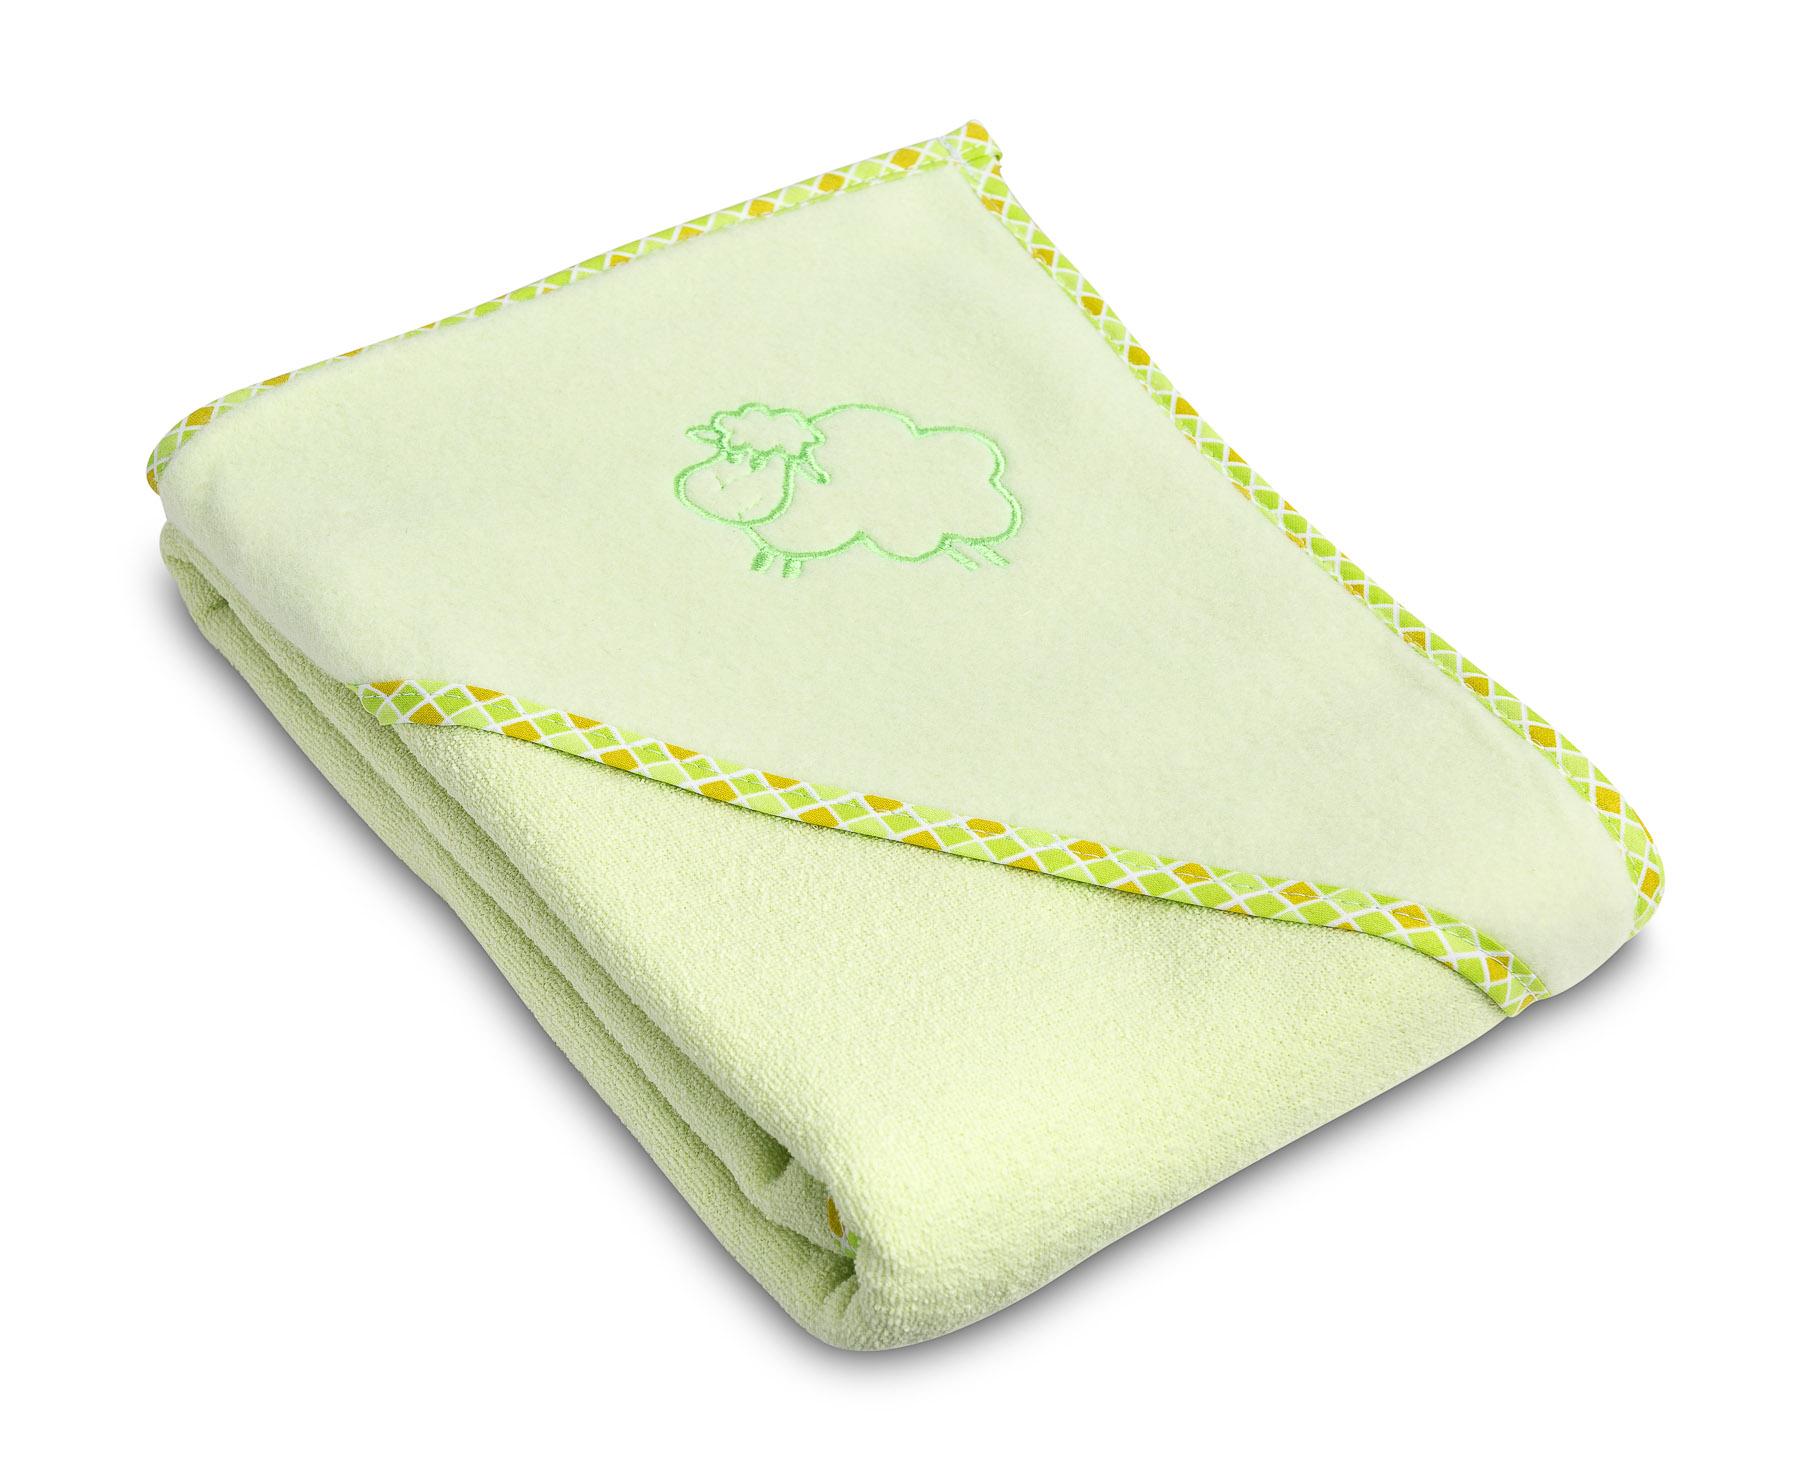 Lamb soft bath towel – green